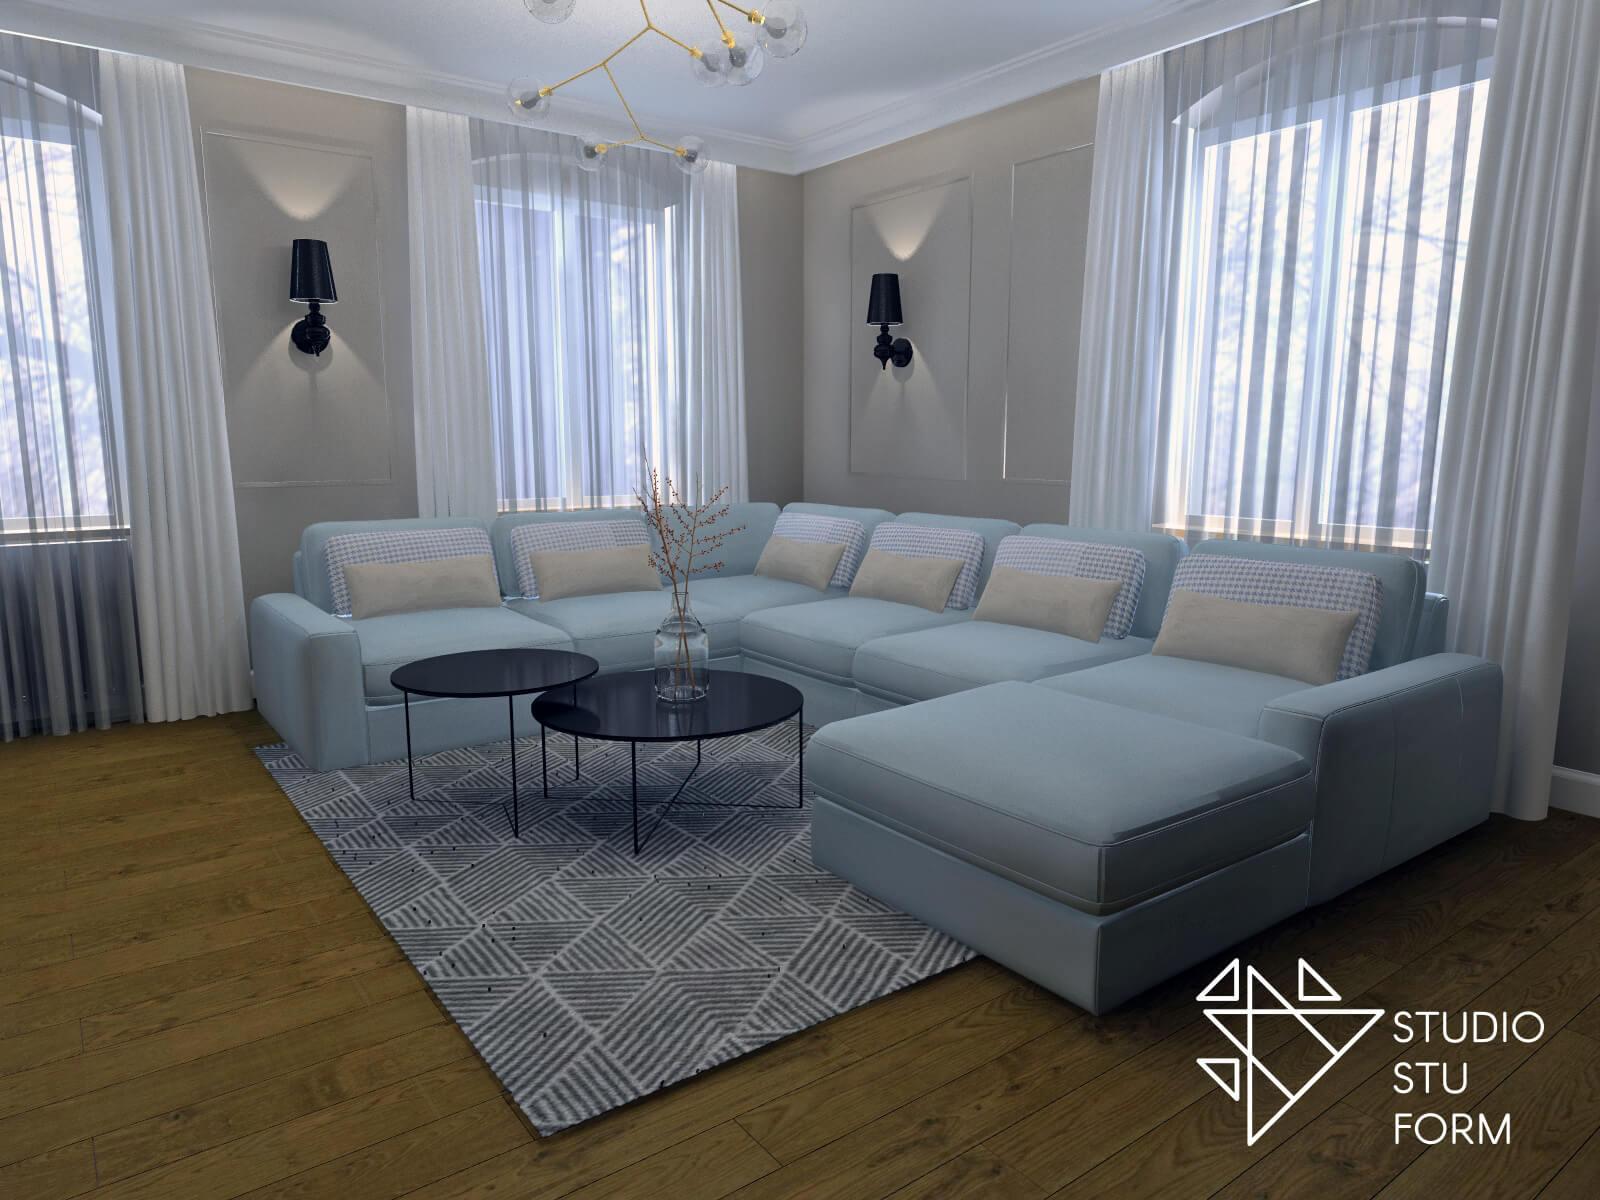 Duża sofa wypoczynkowa